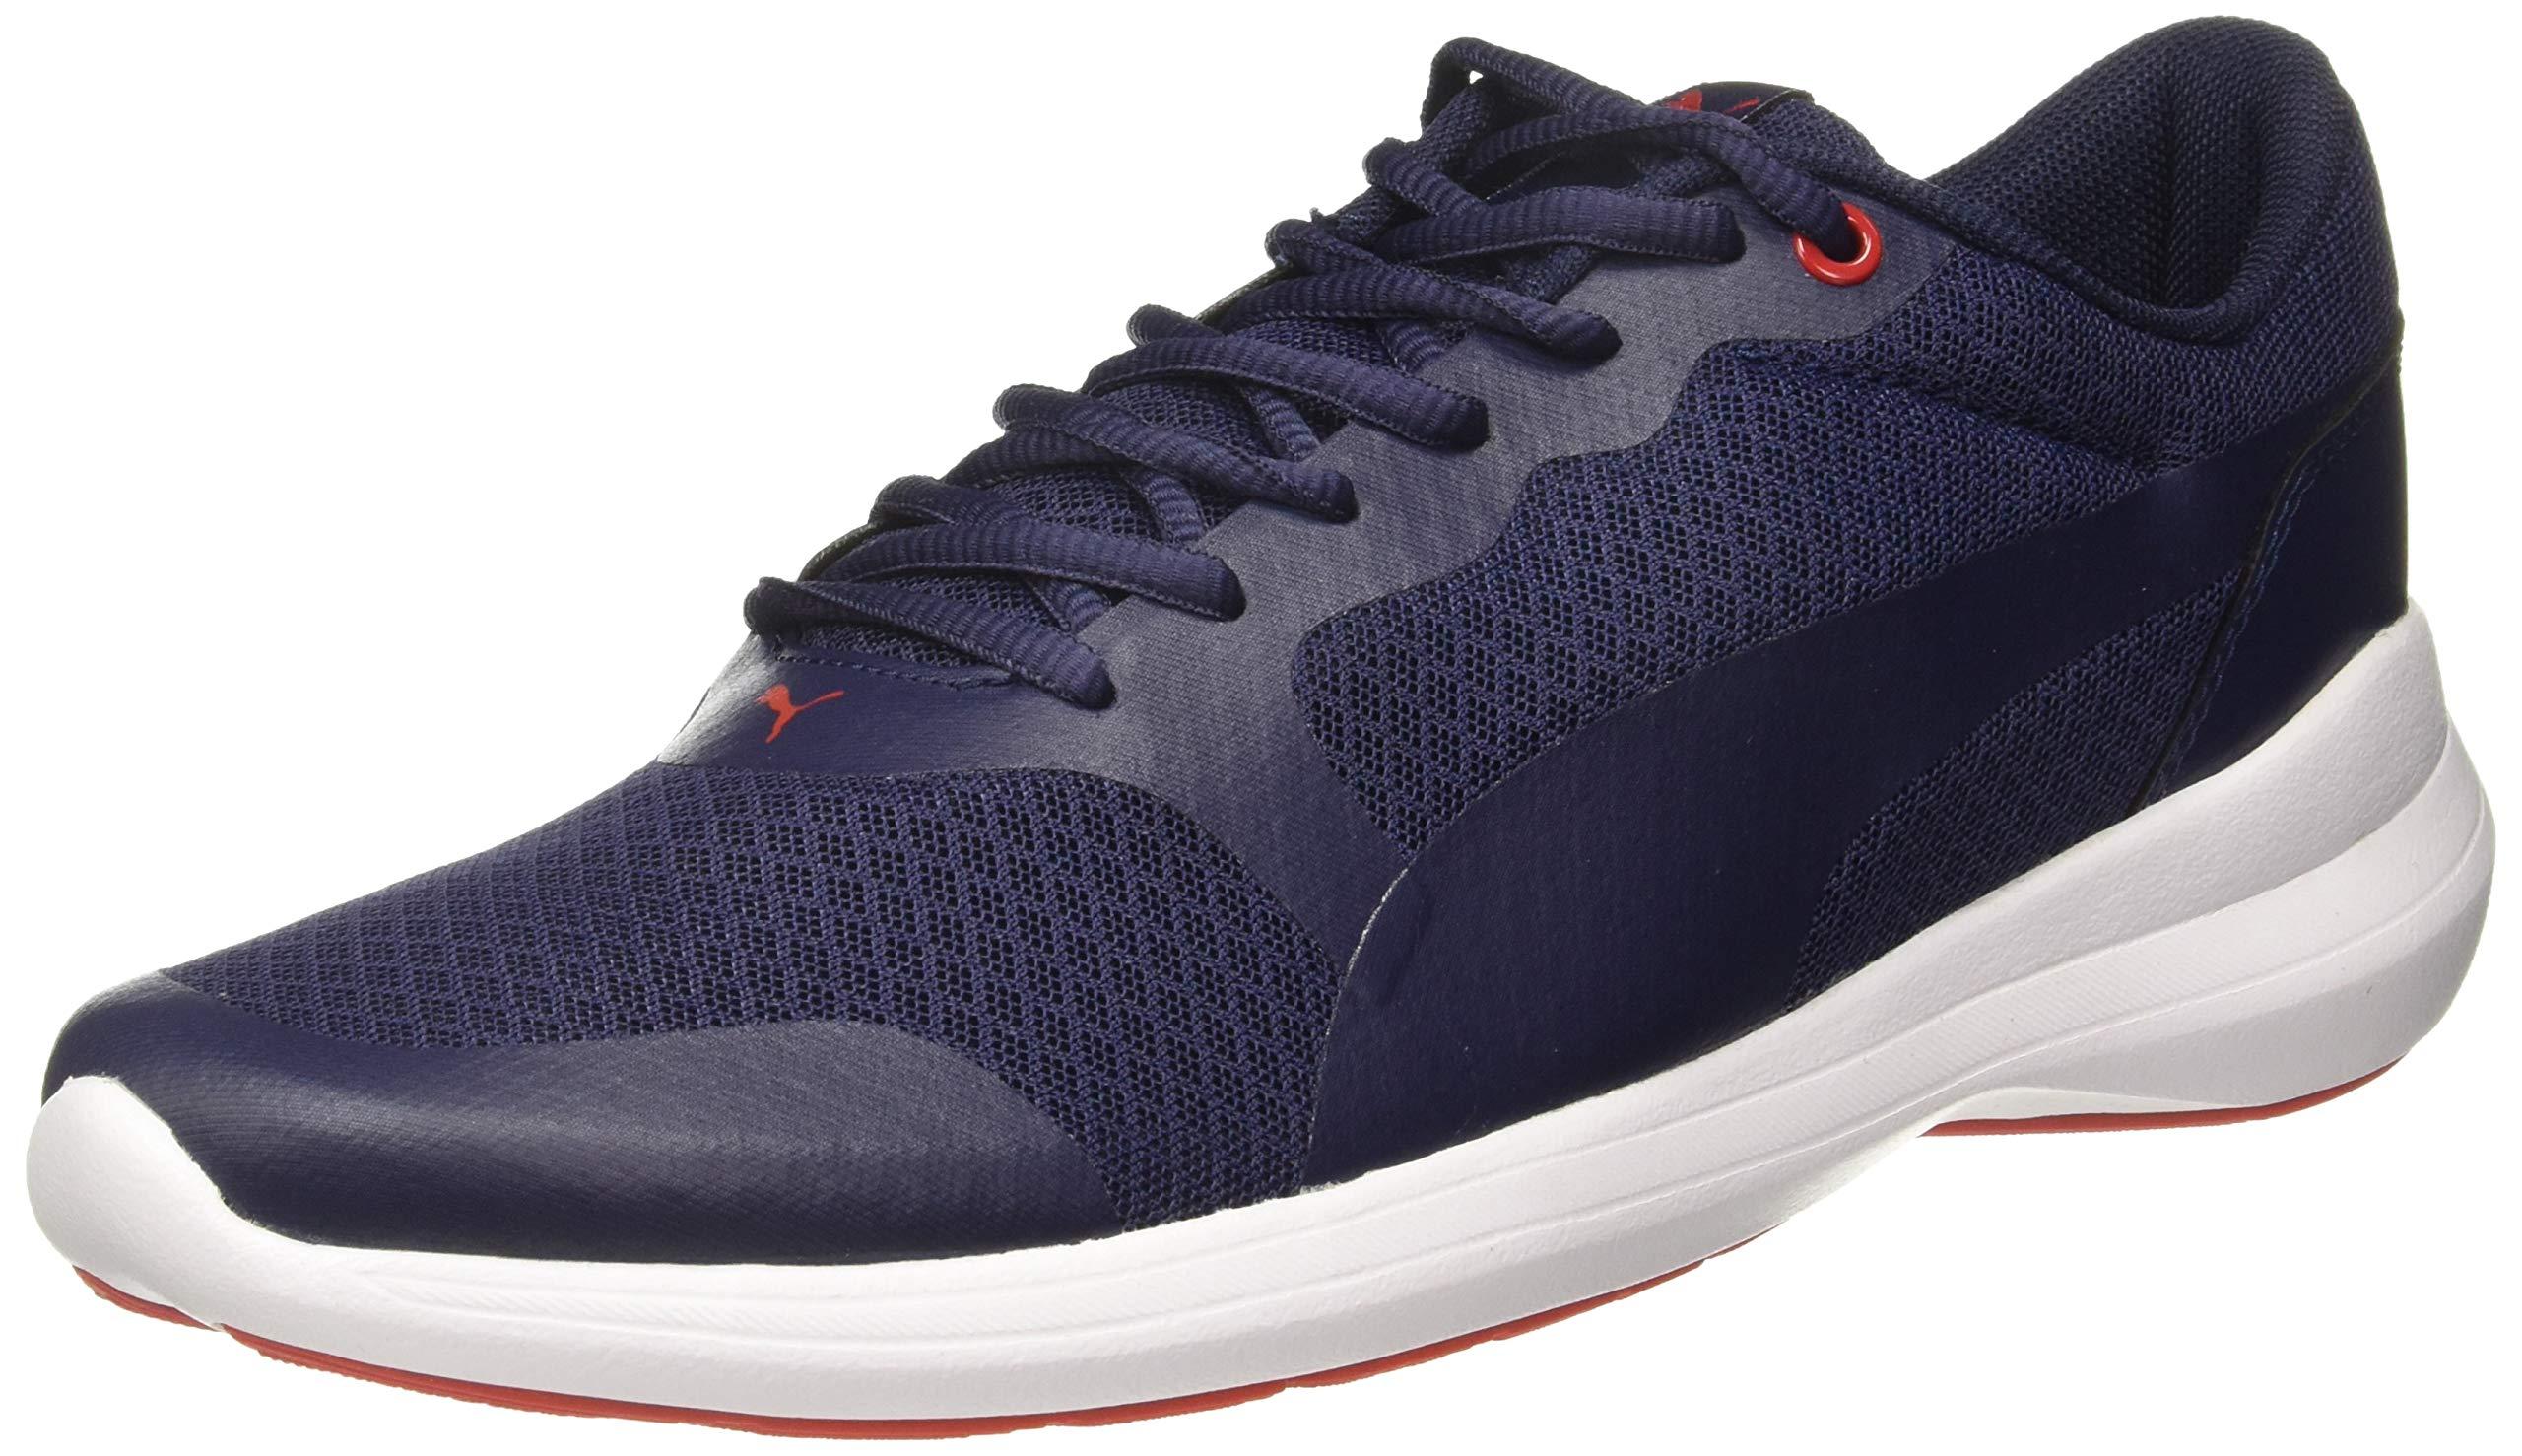 Puma Men's Drish Idp Running Shoes- Buy